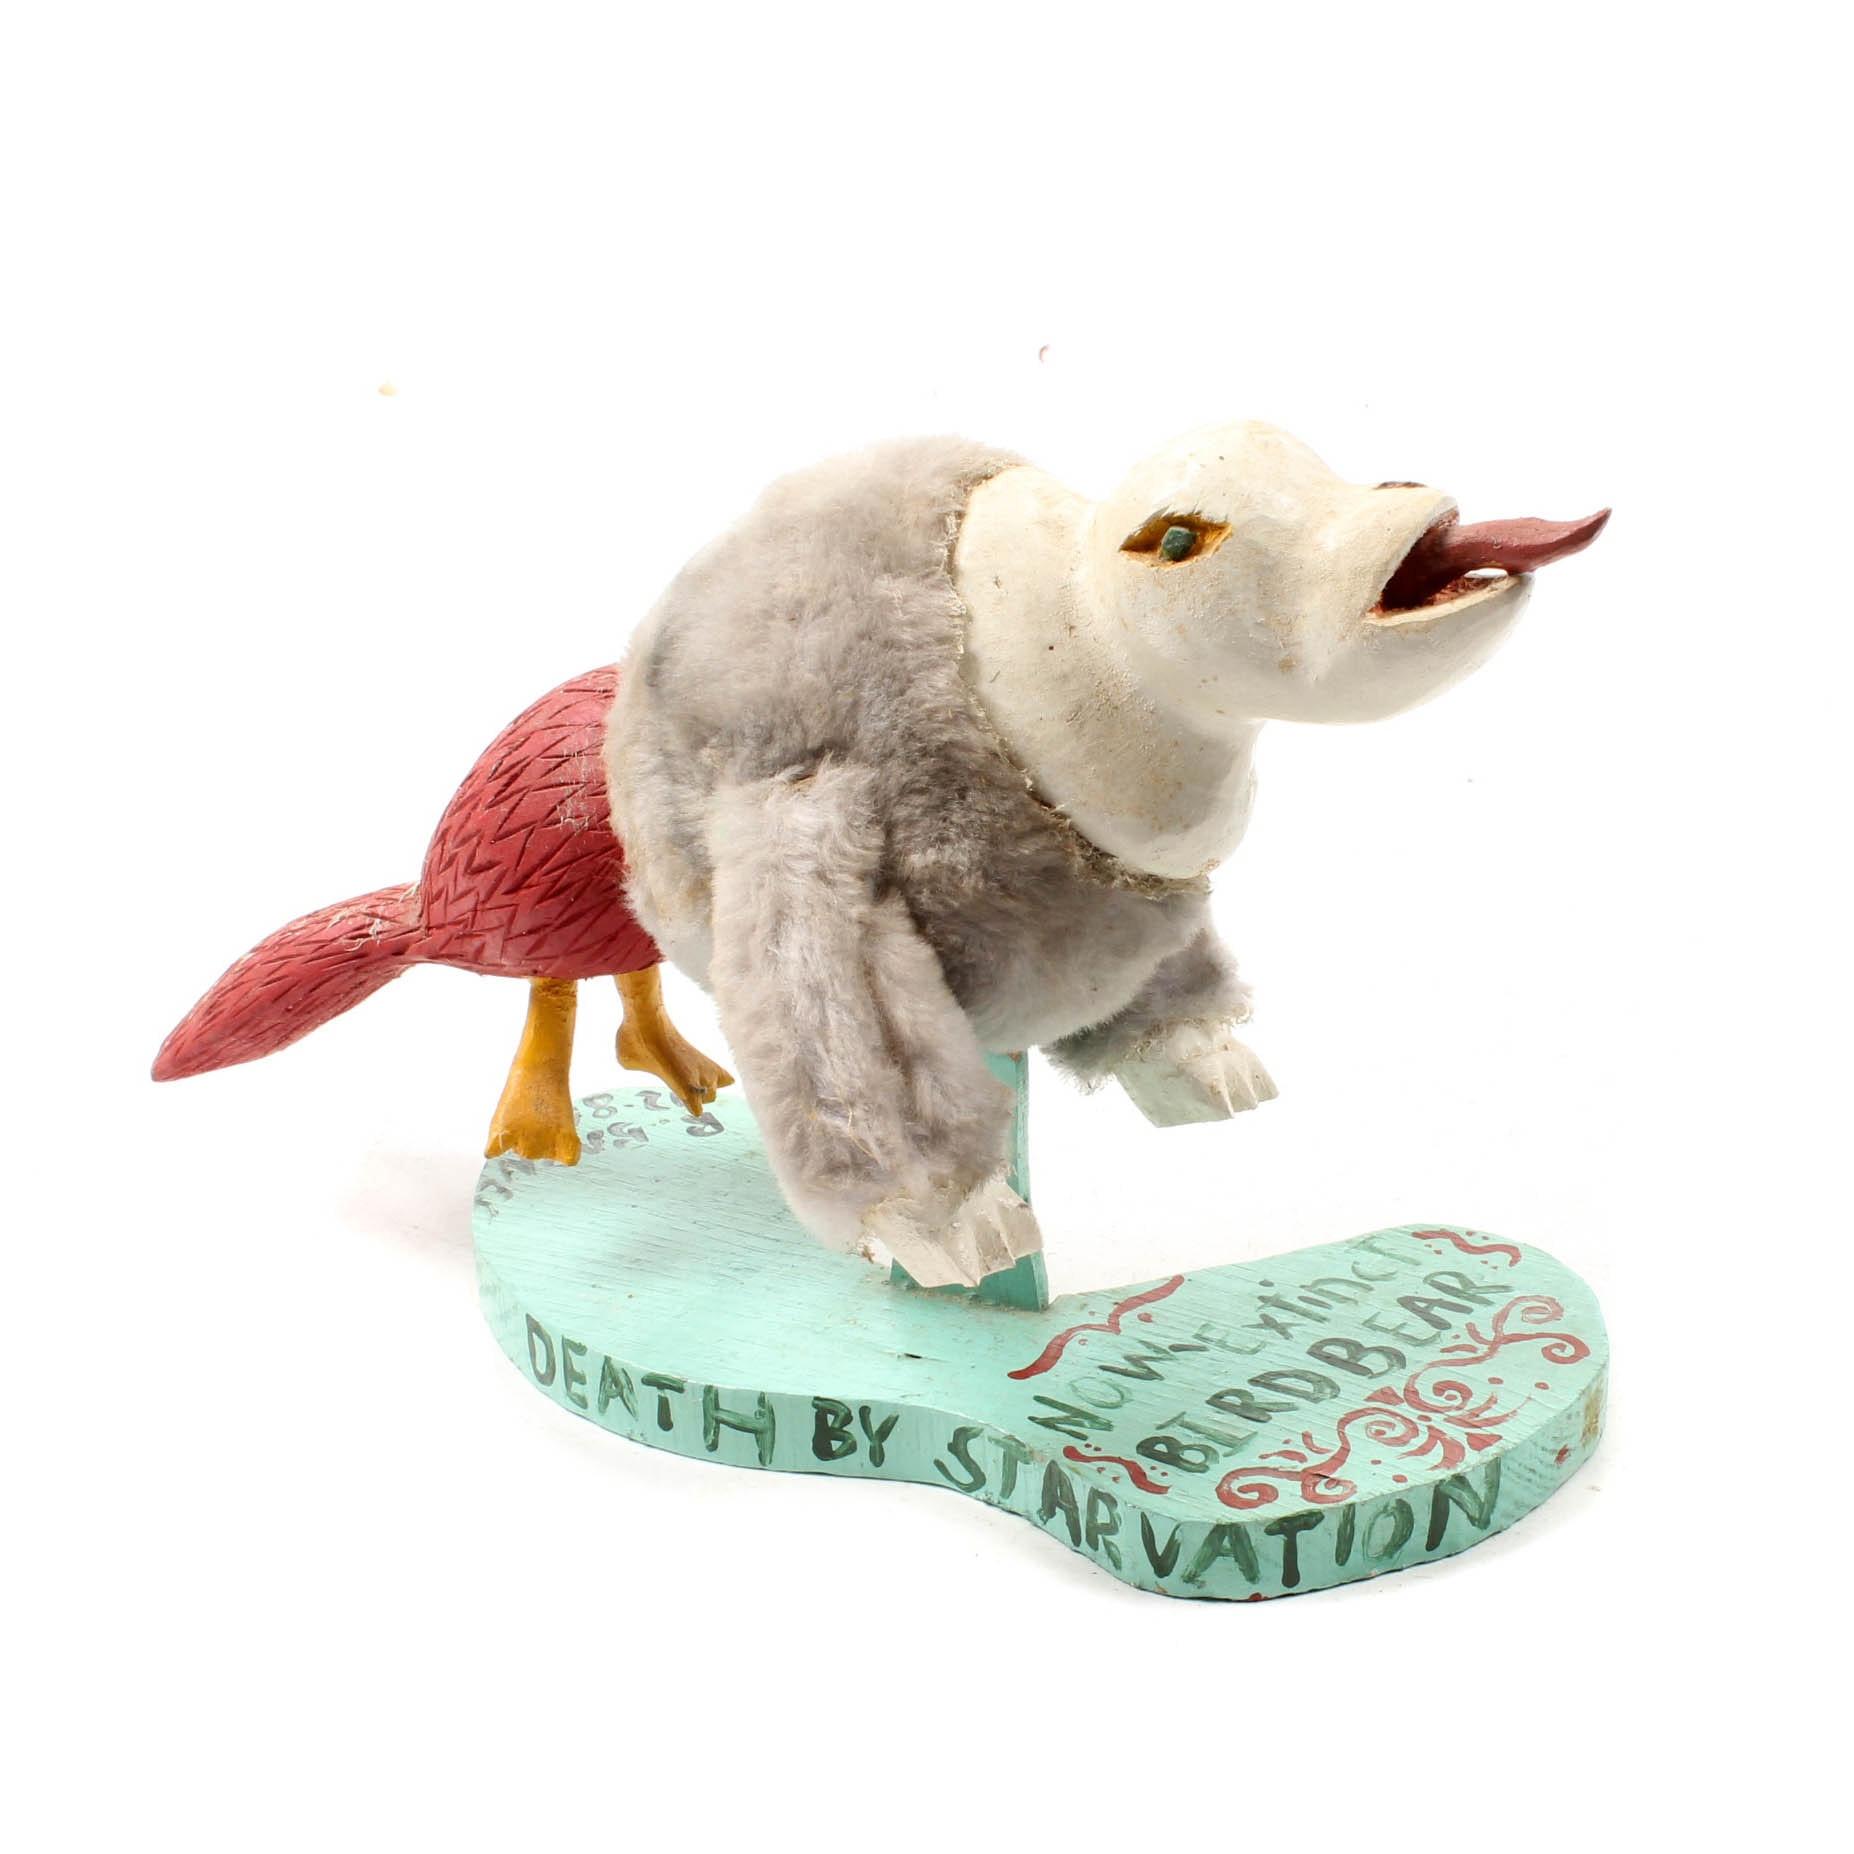 """Ricky Barnes Sculpture """"Now-Extinct Bird Bear"""""""